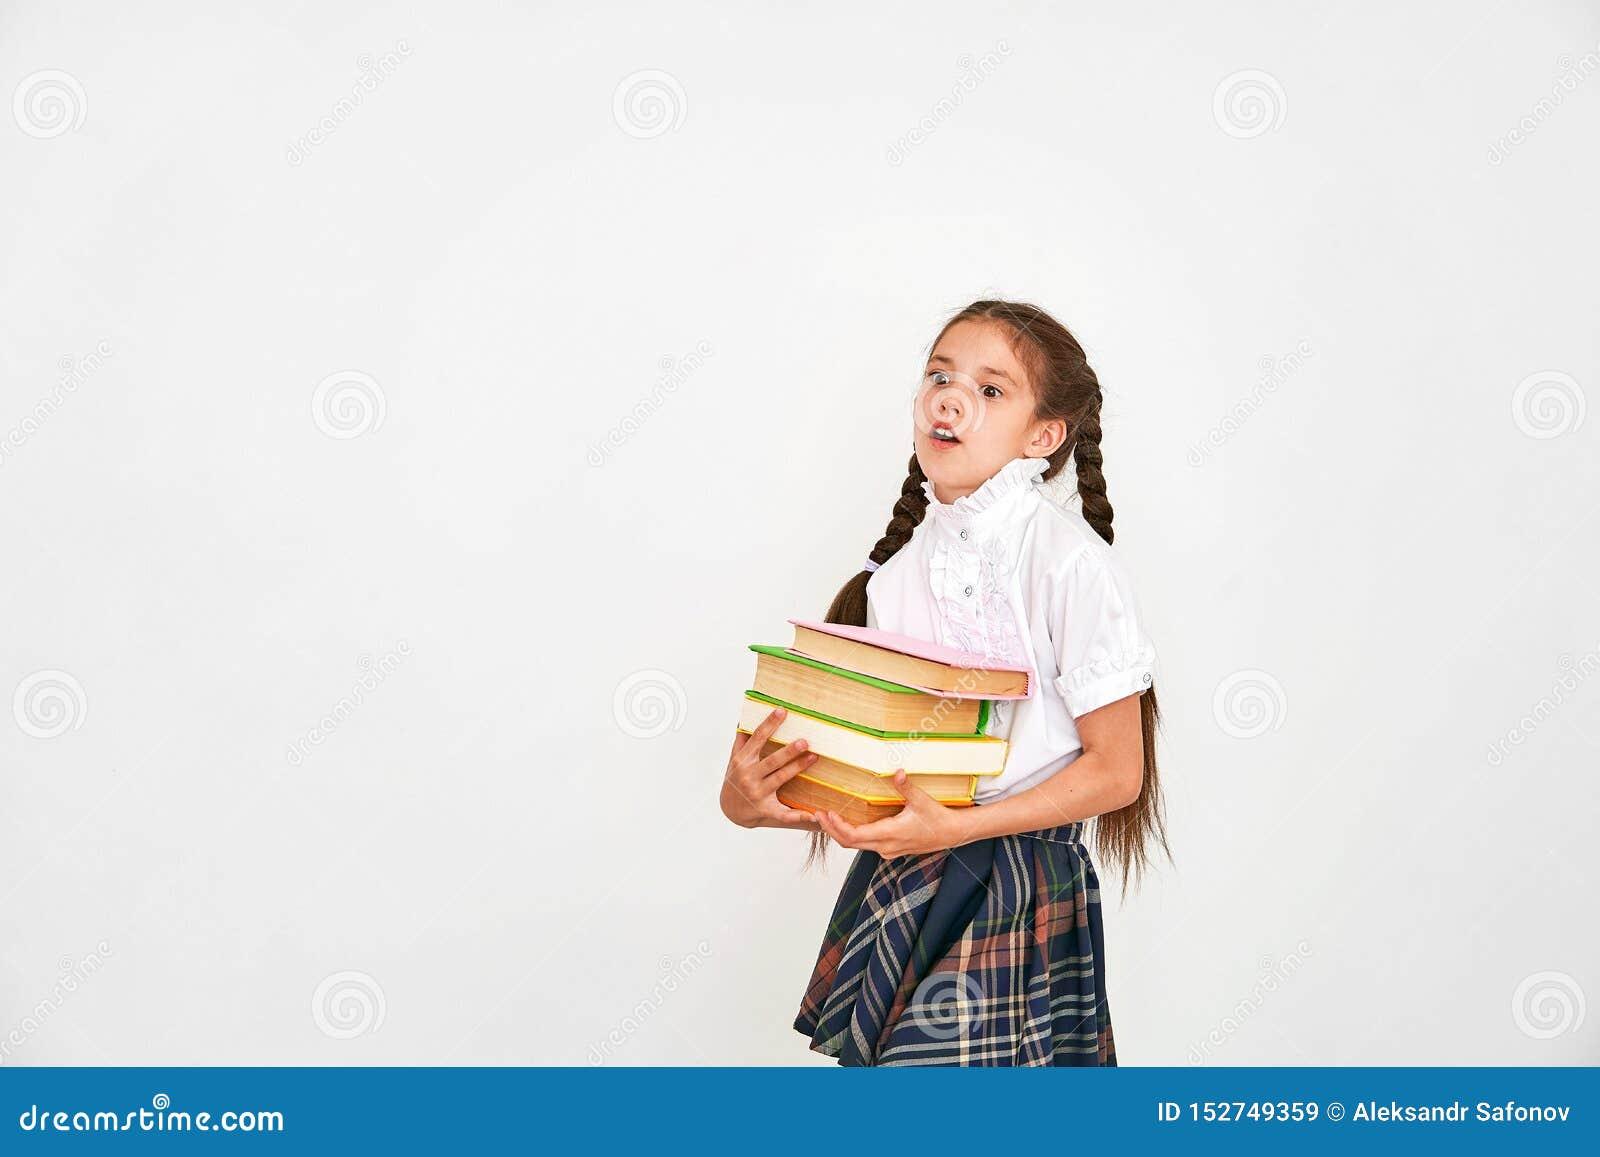 Retrato de un estudiante hermoso de la niña con una mochila y una pila de libros en sus manos que sonríe en un fondo blanco